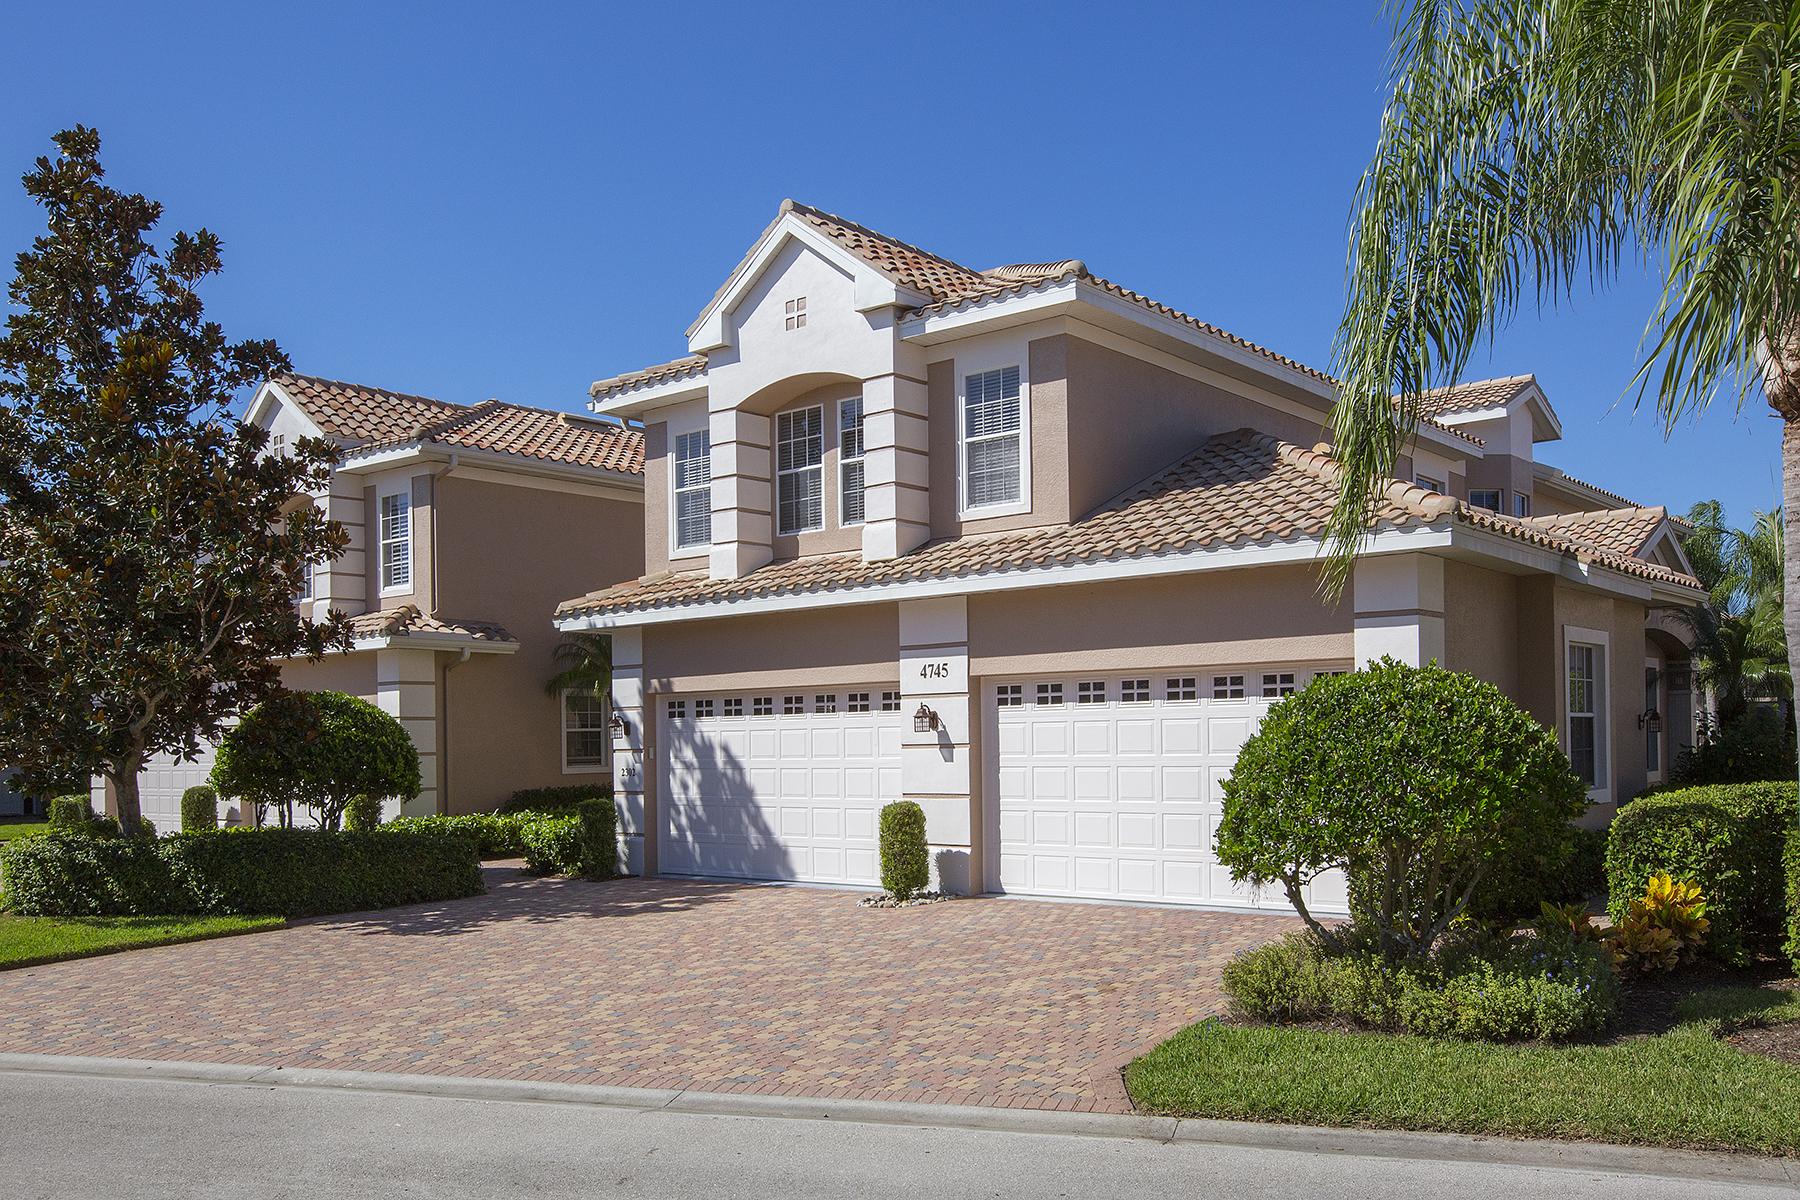 Appartement en copropriété pour l Vente à KENSINGTON - WELLINGTON PLACE ll 4745 Stratford Ct 2304 Naples, Florida, 34105 États-Unis